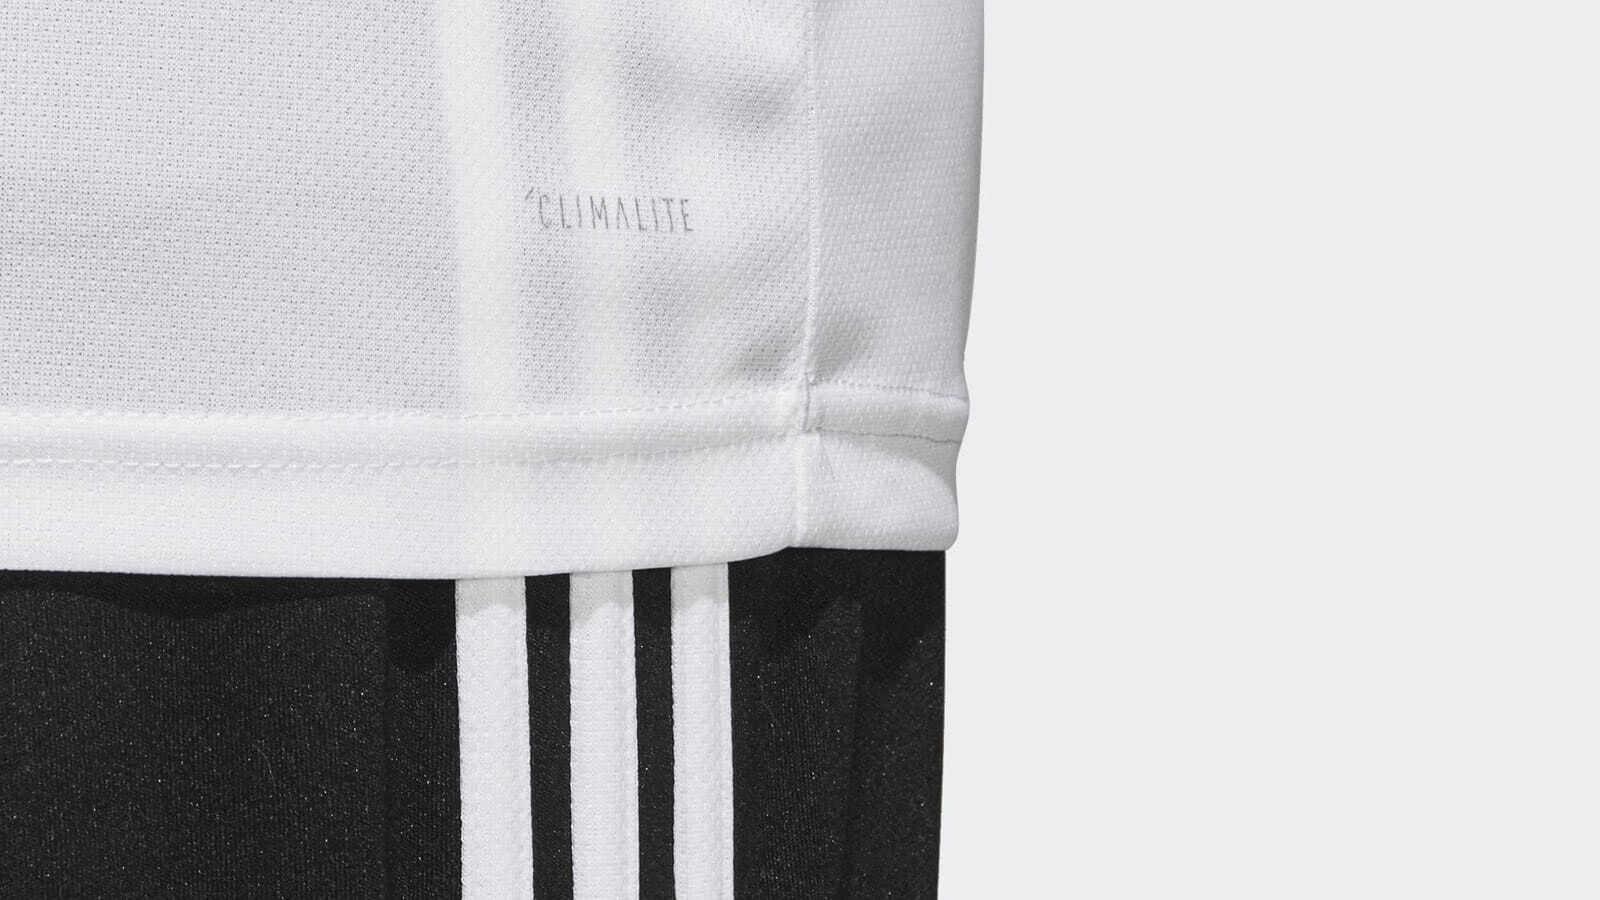 Das Original Adidas Material für das DFB Trikot